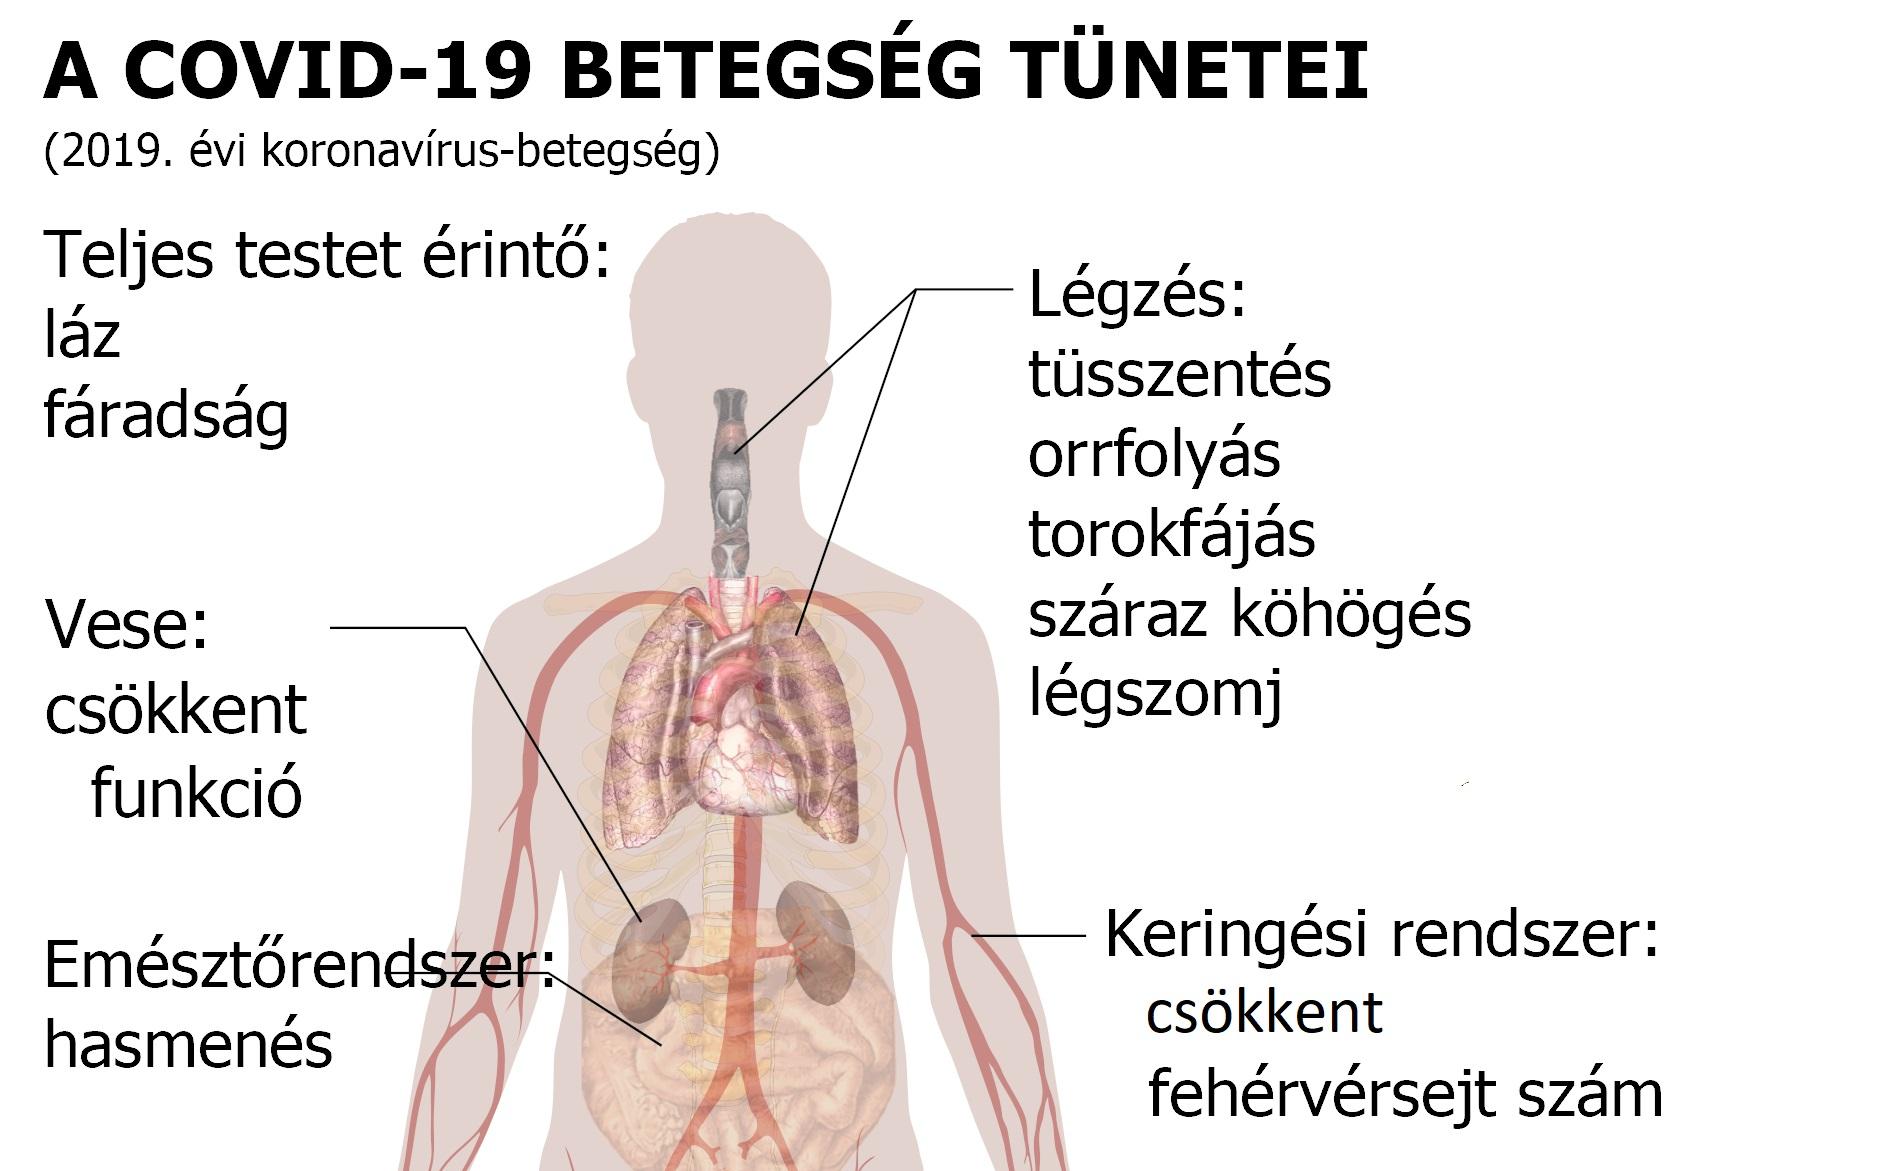 parazita az emberi test tüneteiben